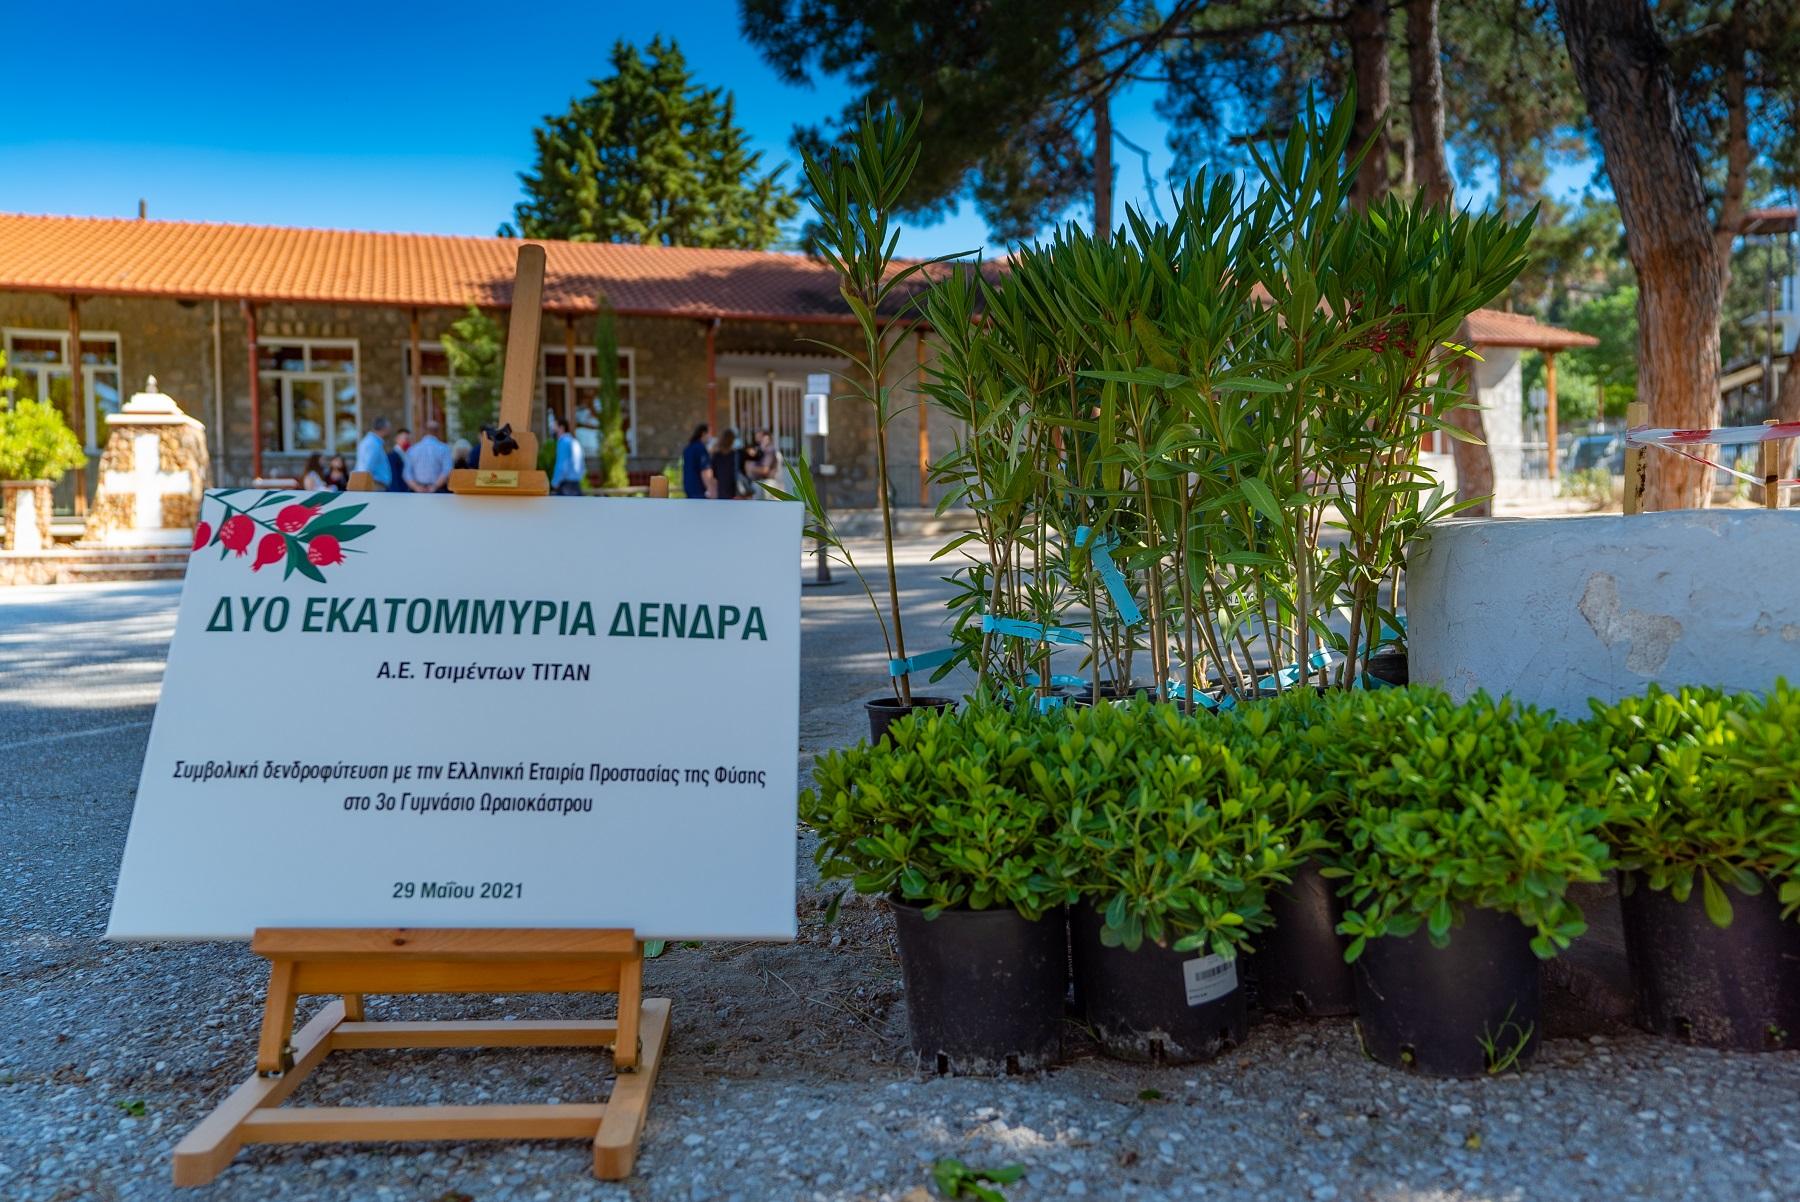 ΤΙΤΑΝ: Με γνώμονα την αειφορία και την προστασία του περιβάλλοντος – 2.000.000 δέντρα σε όλη την Ελλάδα